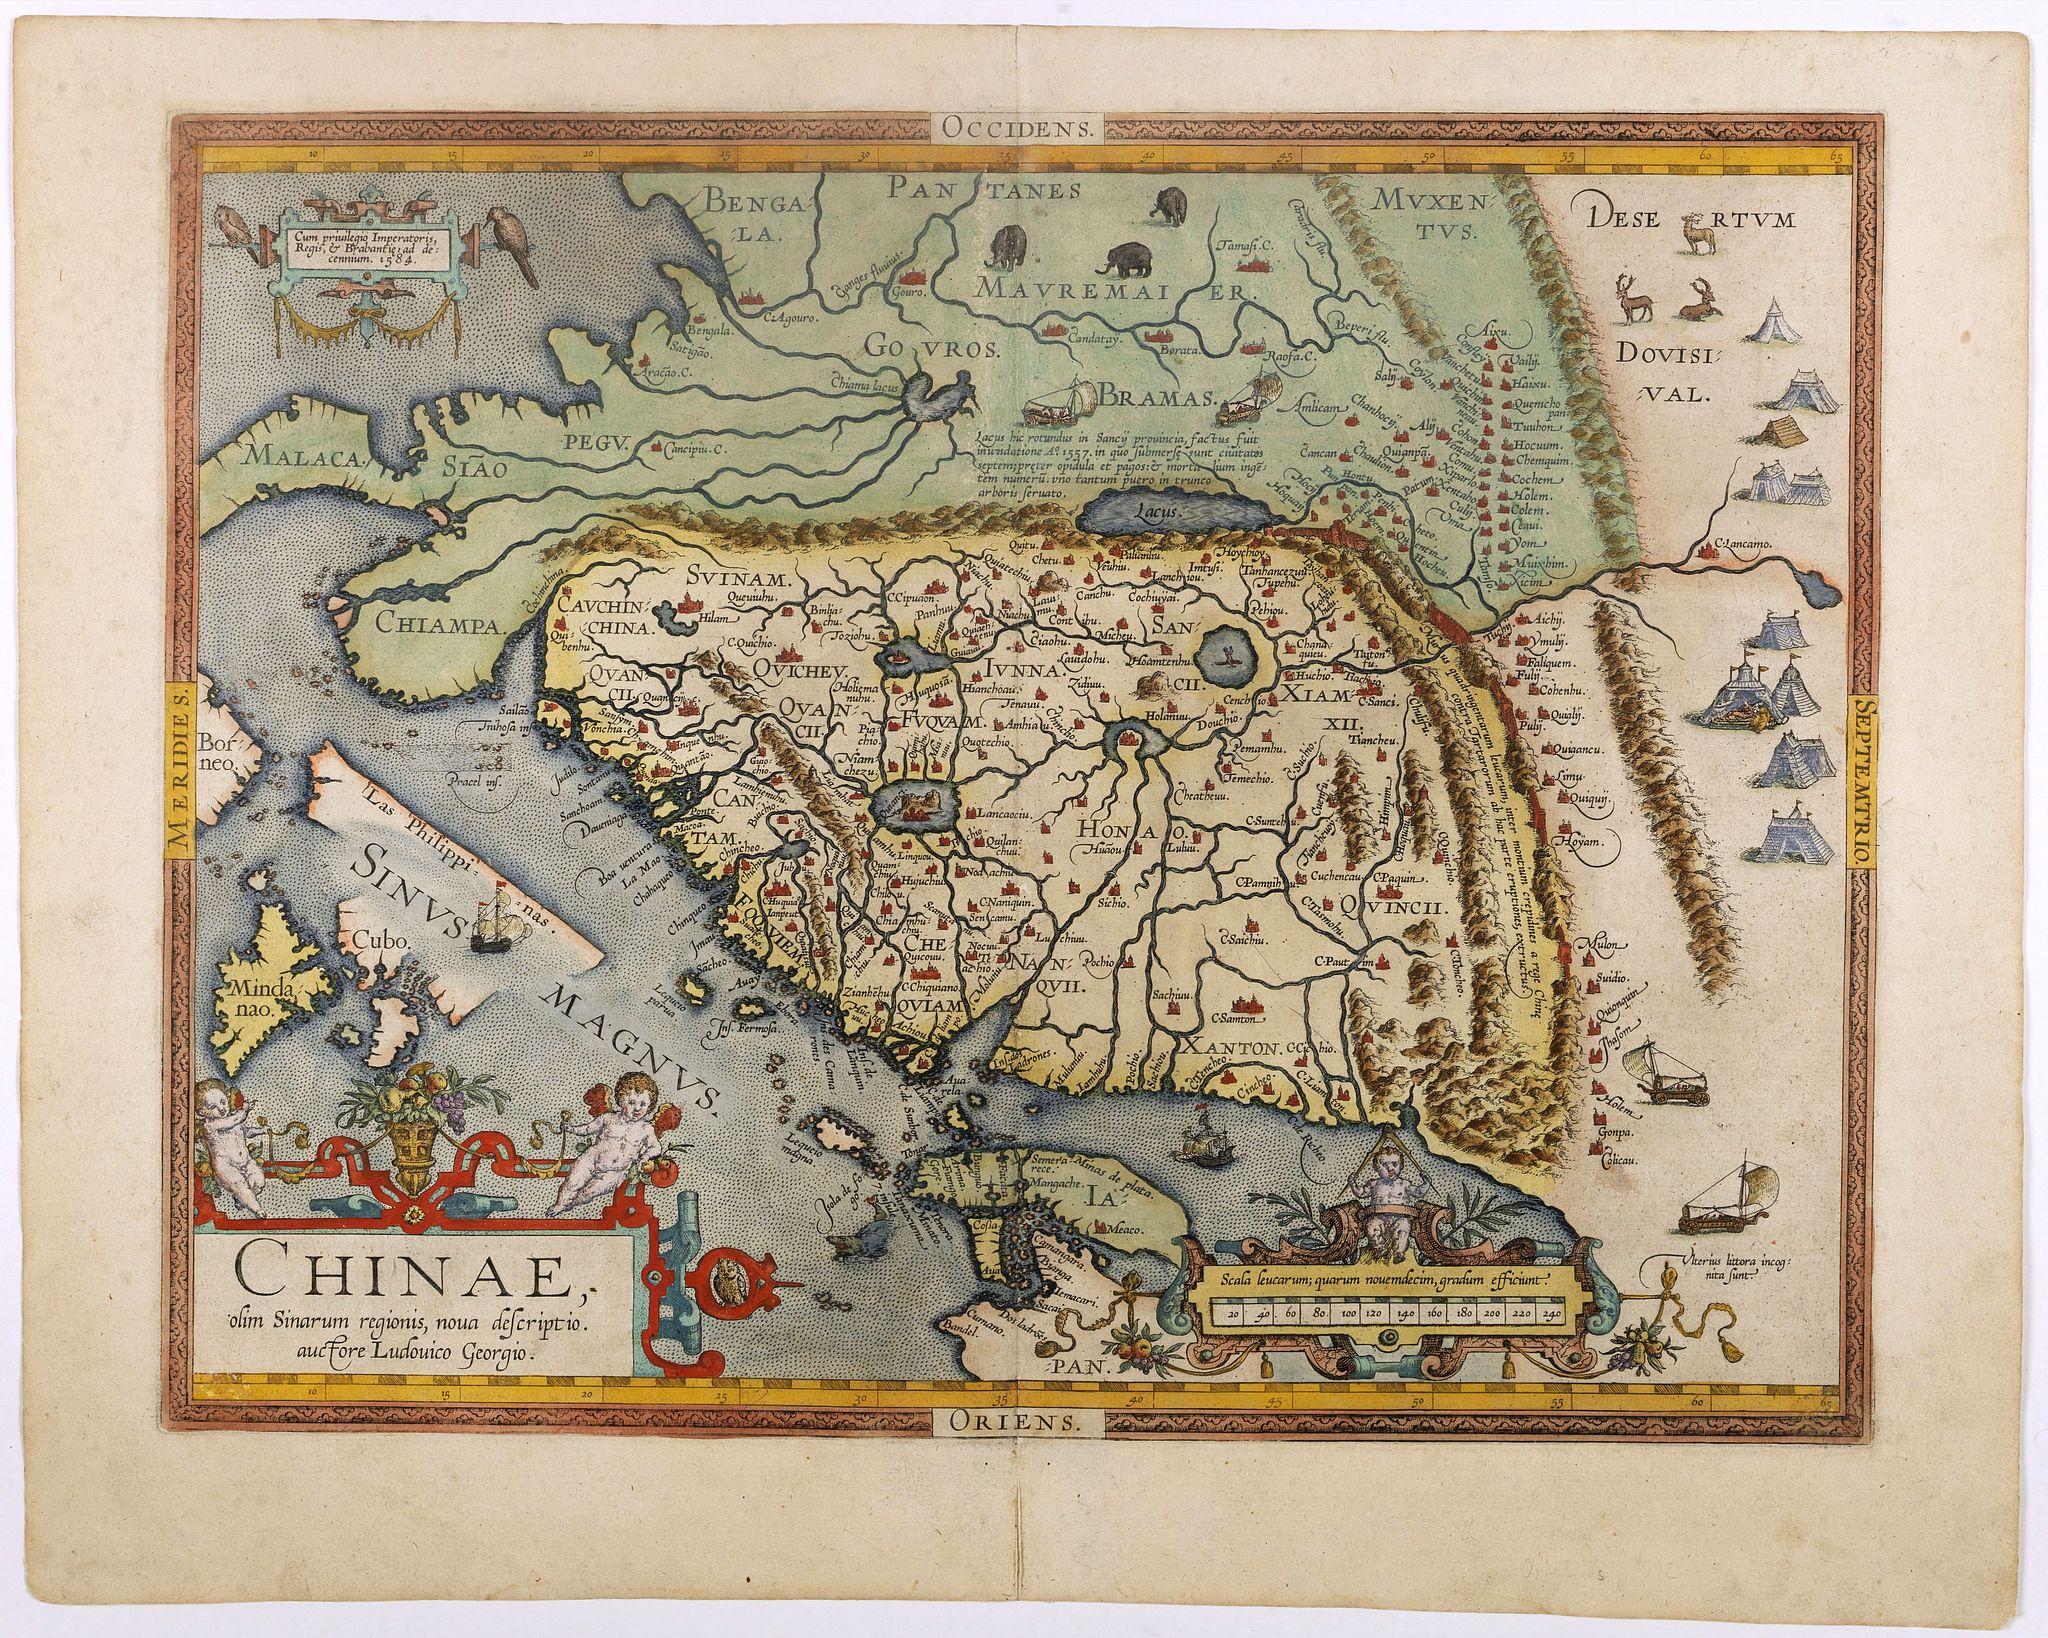 ORTELIUS, A. -  Chinae, olim Sinarum Regionis, nova descriptio. Auctore Ludovico Georgio.